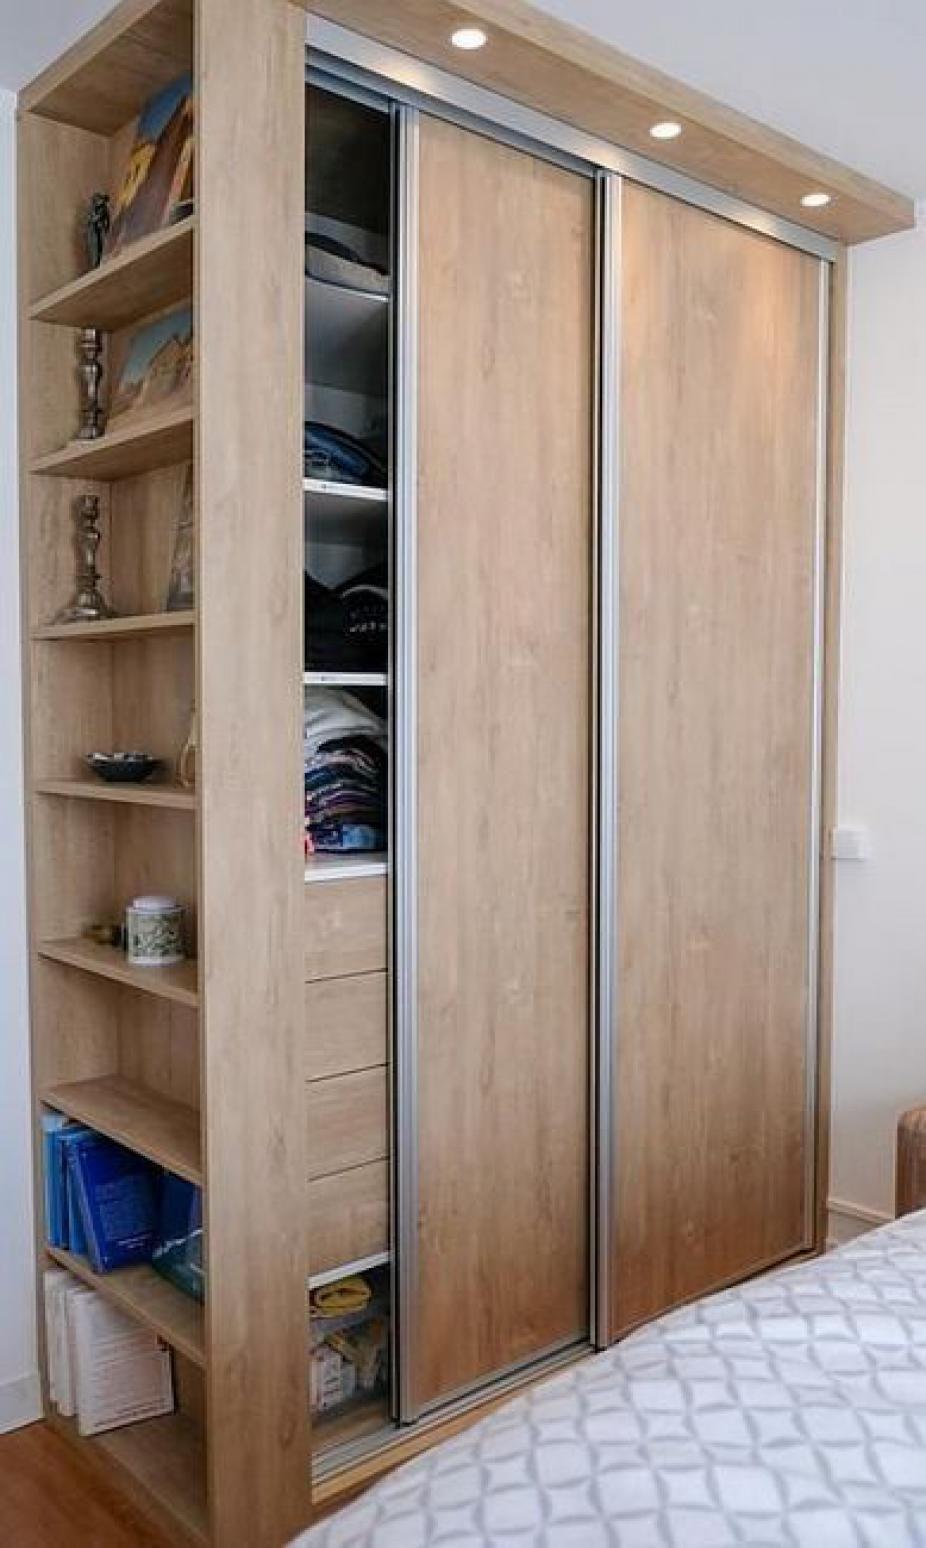 47 Brilliant Scandinavian Bedroom Design Ideas In 2020 Cupboard Design Bedroom Closet Design Bedroom Cupboard Designs